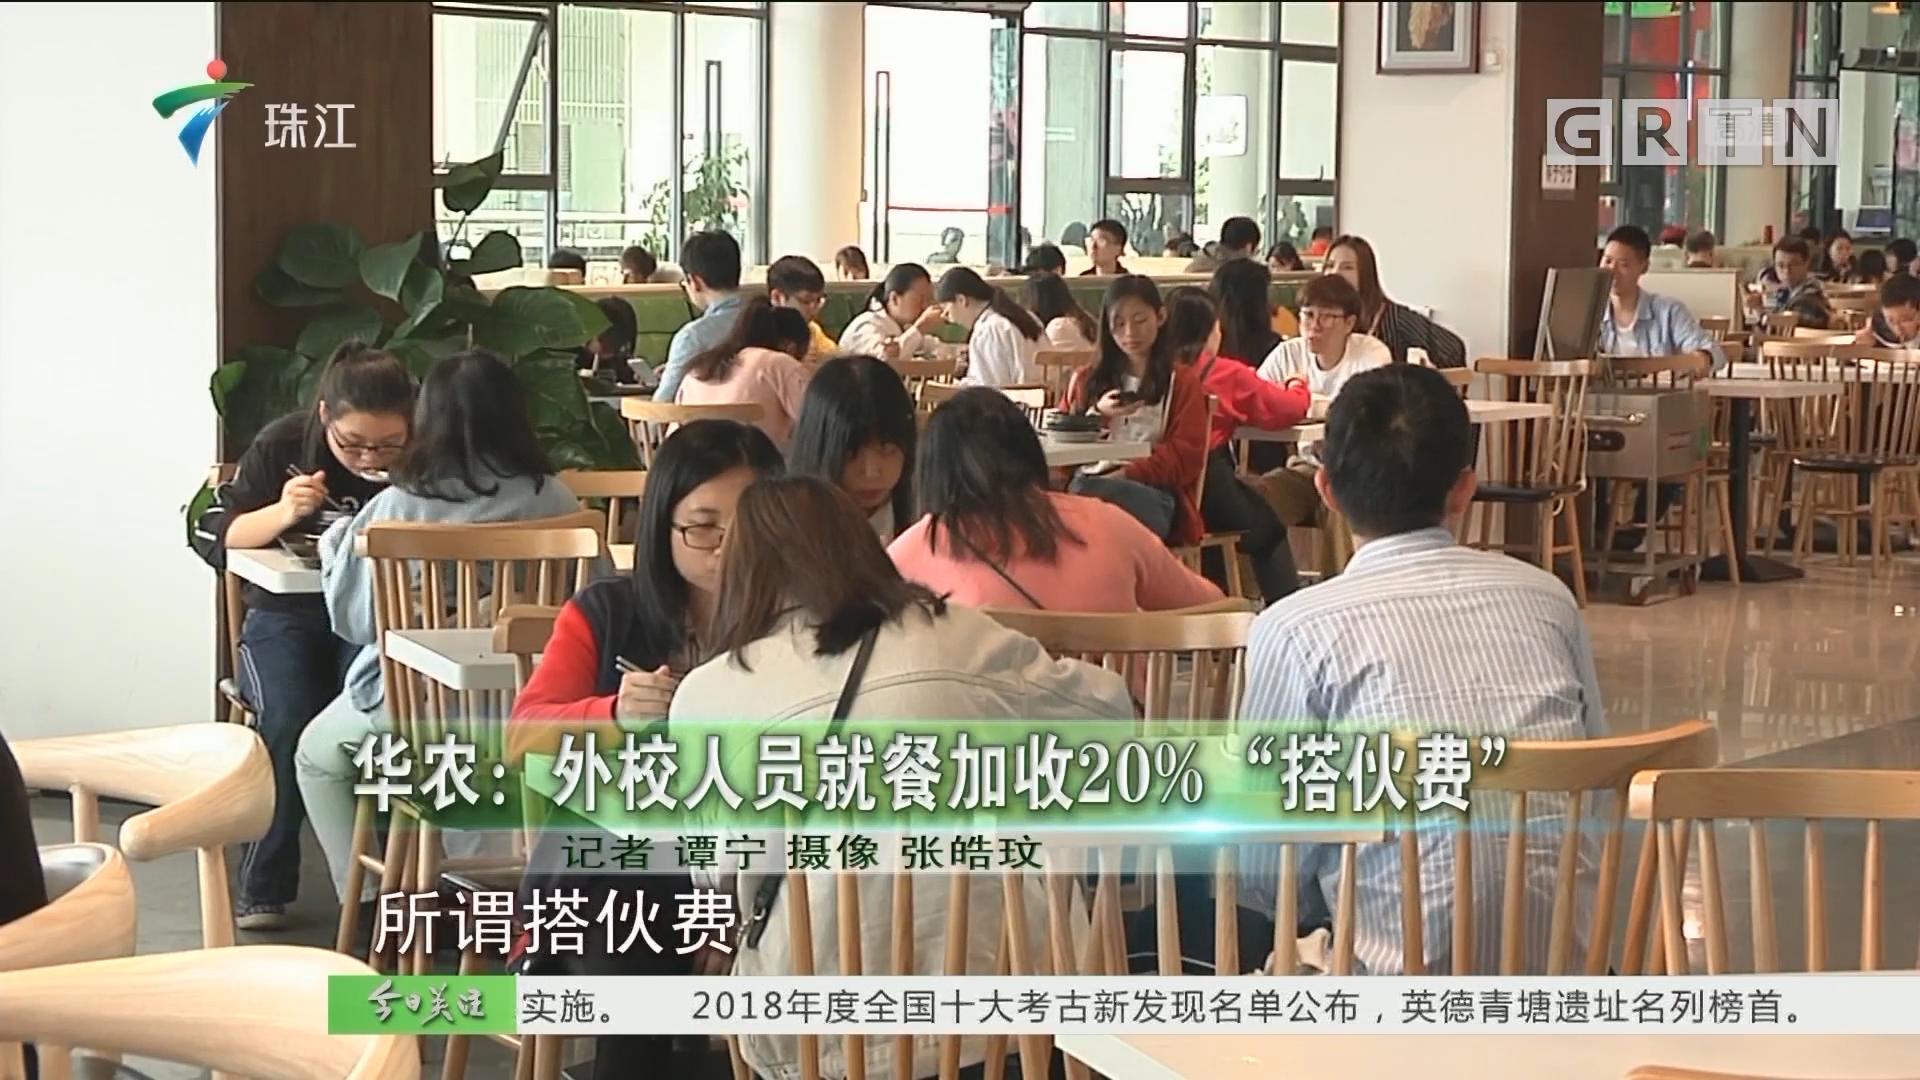 """华农:外校人员就餐加收20%""""搭伙费"""""""